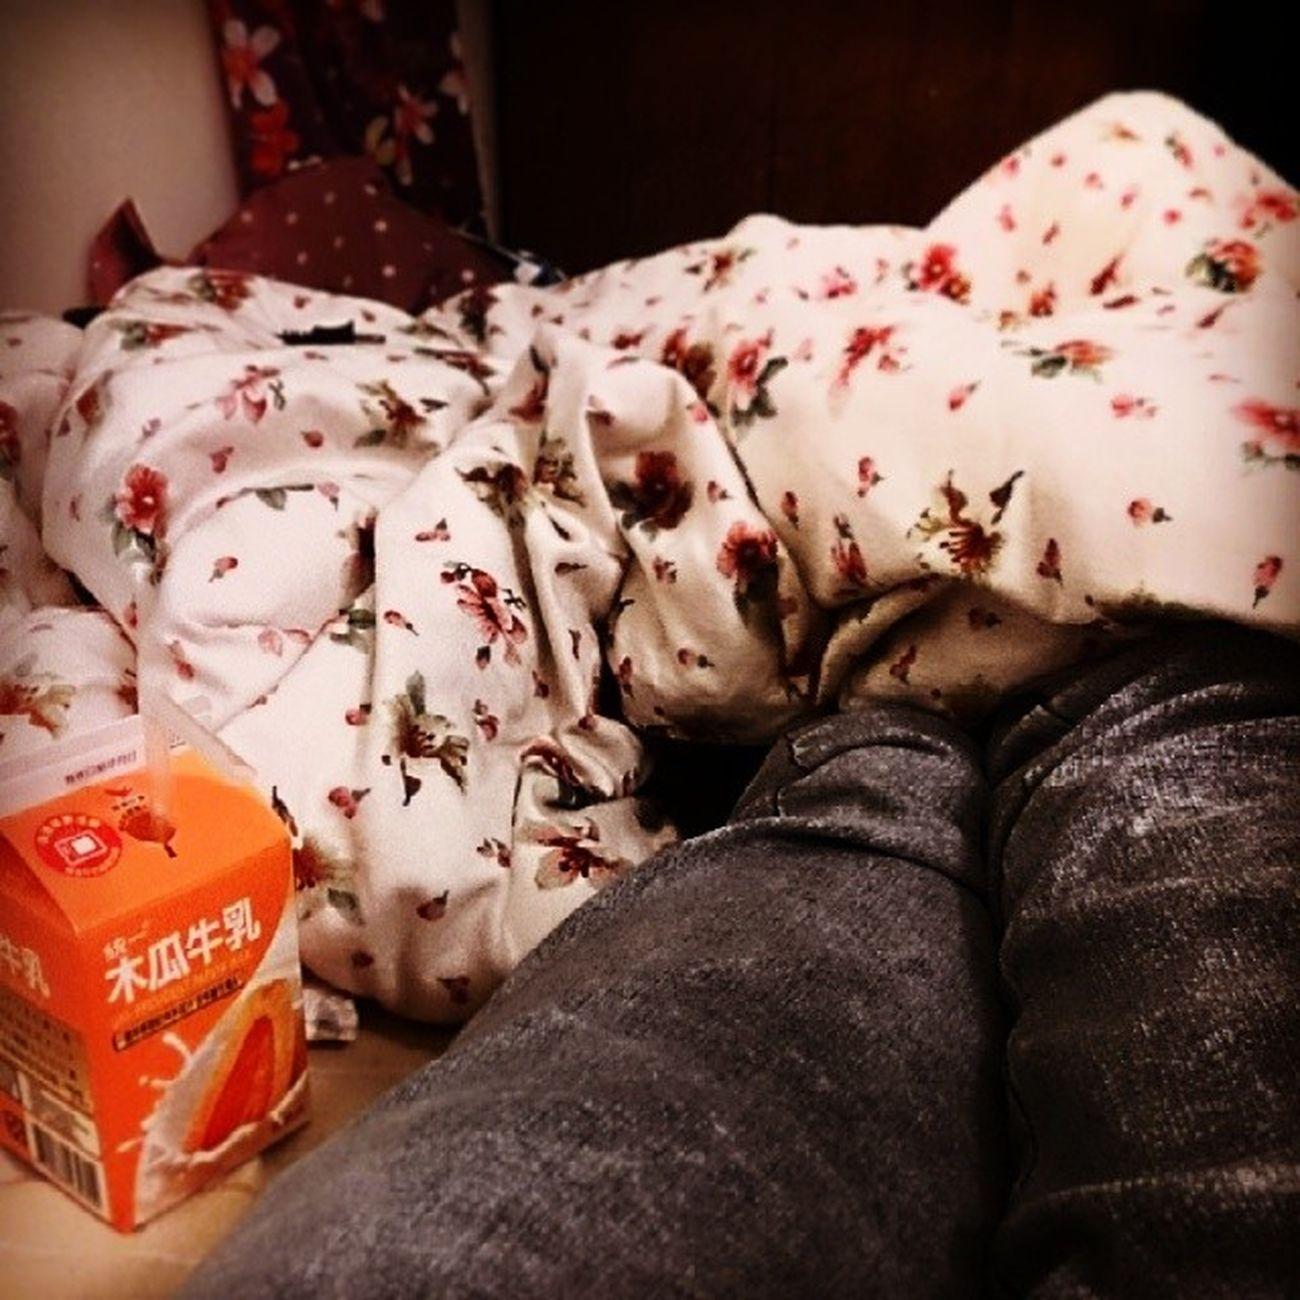 奇怪白天不夠累嗎剩我醒著*//這天氣這時間蠻適合蓋棉被聊天*//喝飽撐著躺下又睡不著